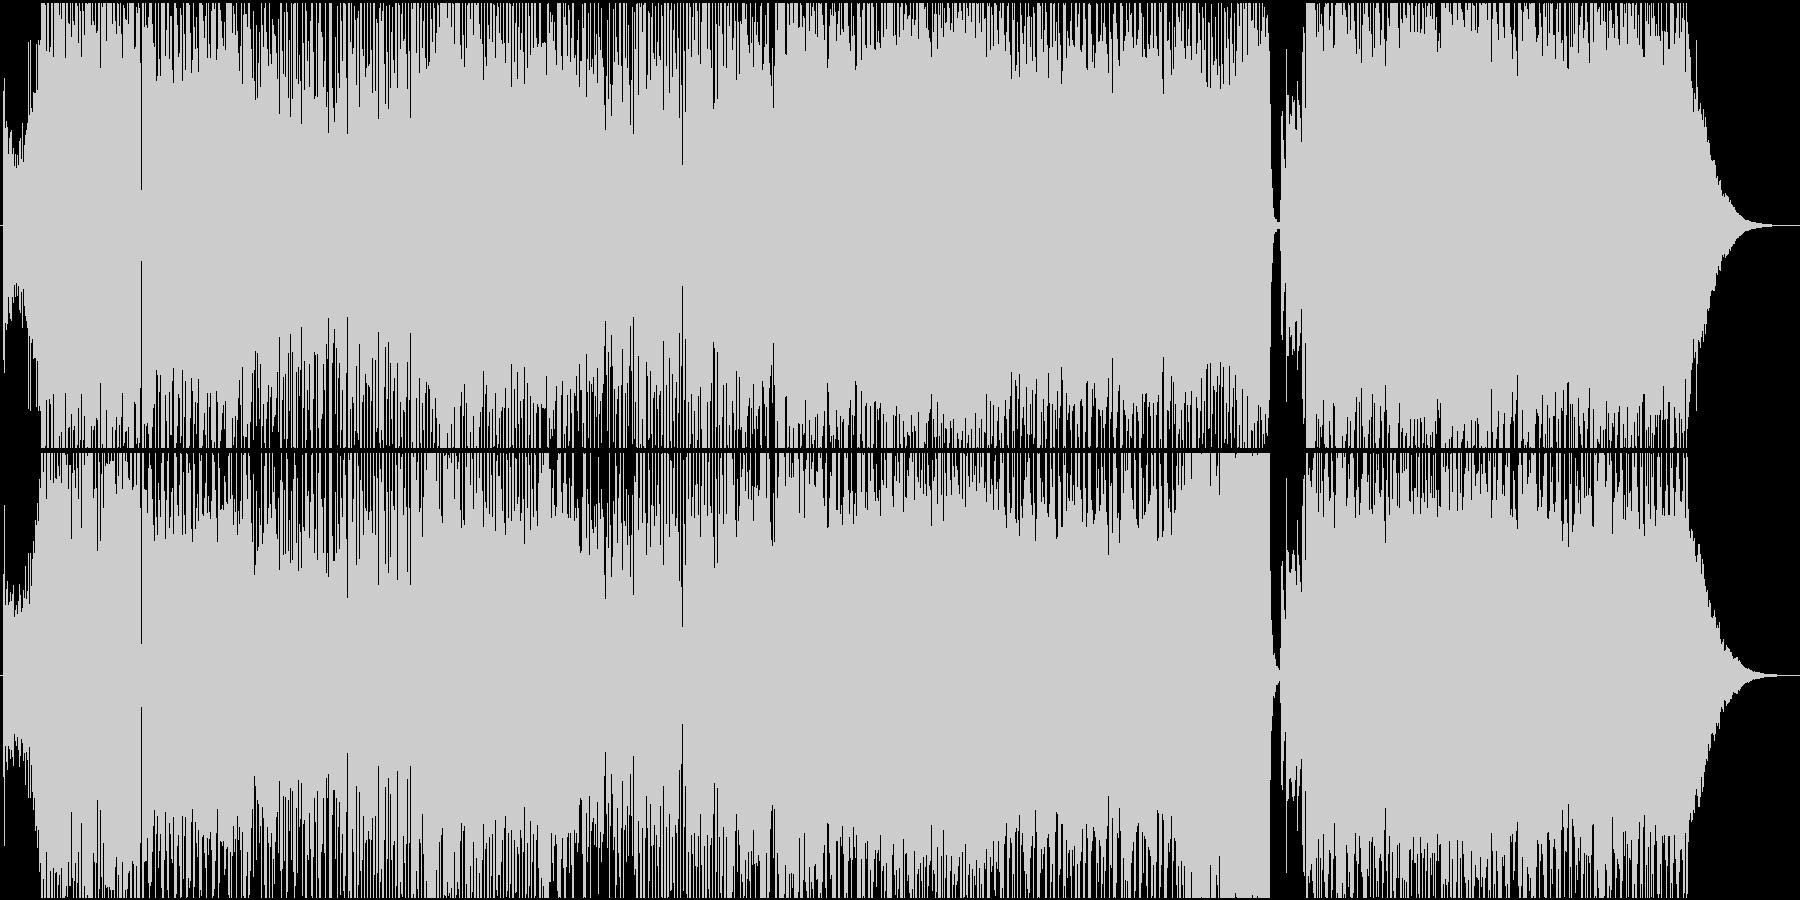 疾走感のあるハイブリッドロックチューンの未再生の波形